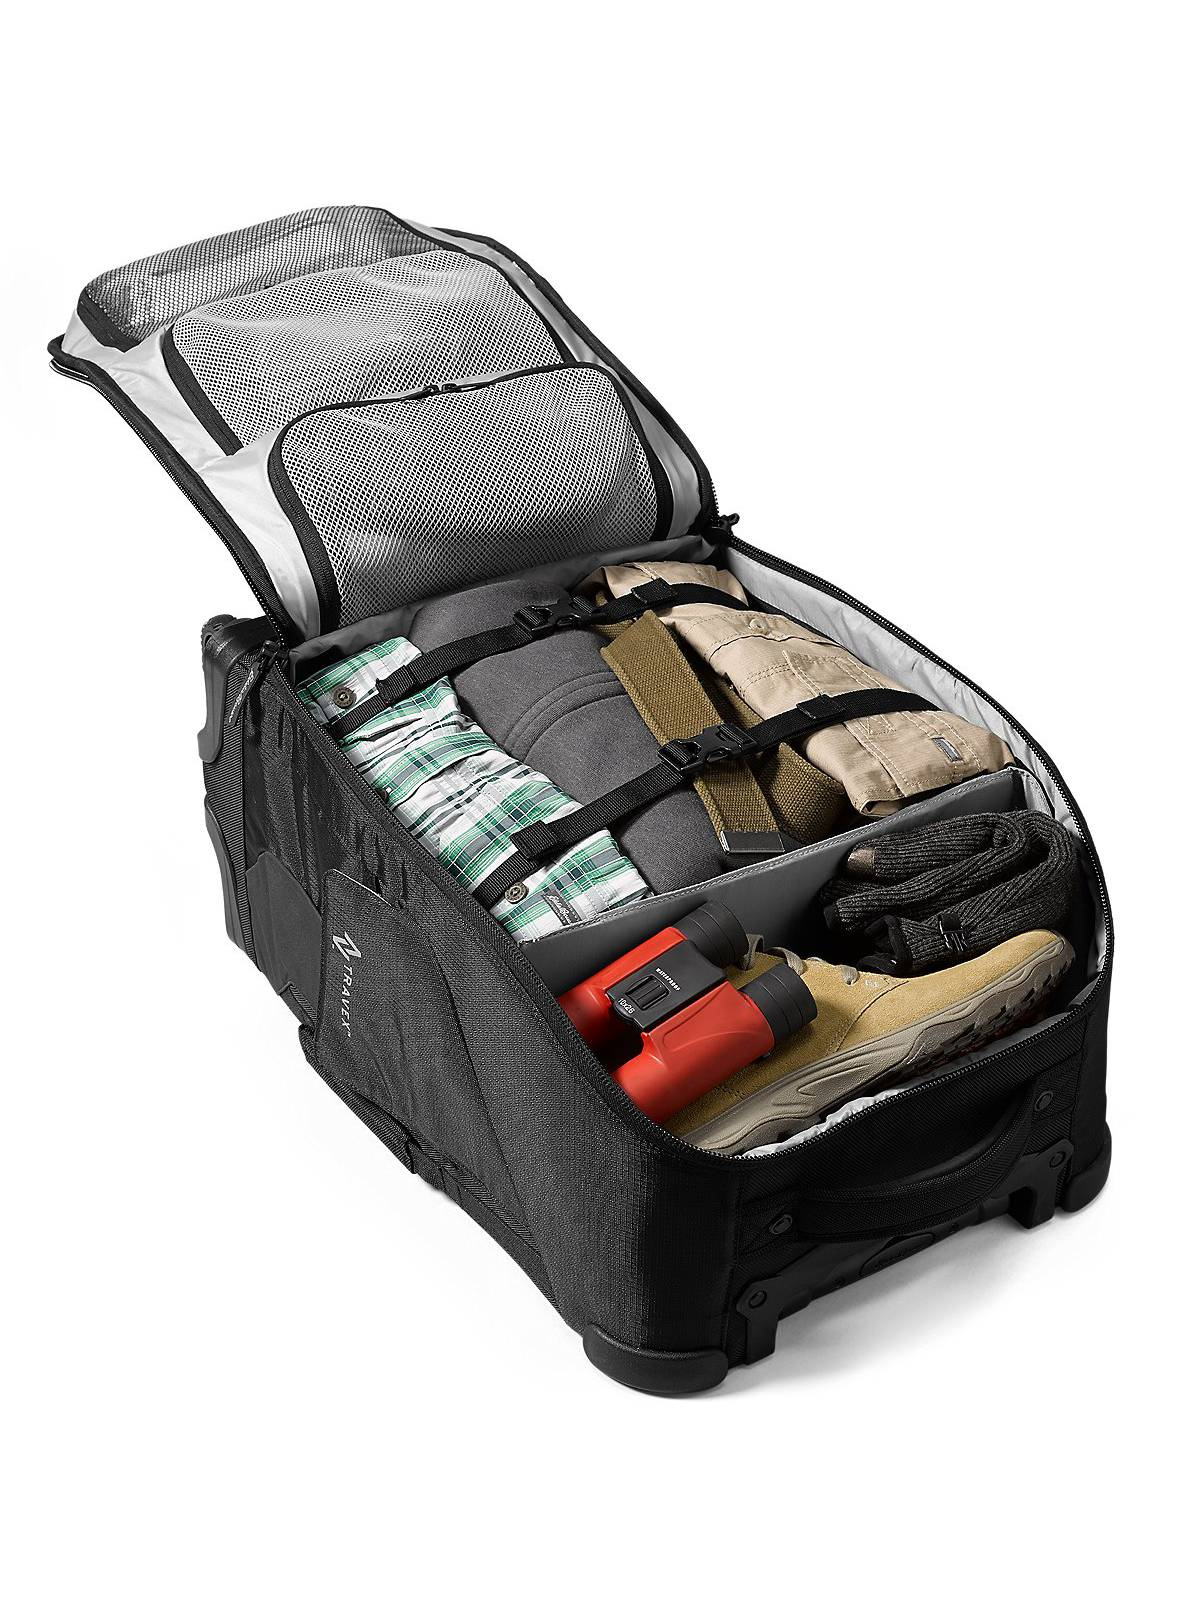 Eddie Bauer Unisex-Adult Travex Voyager 2.0 Rolling Bag 866d8f1cfeaf2